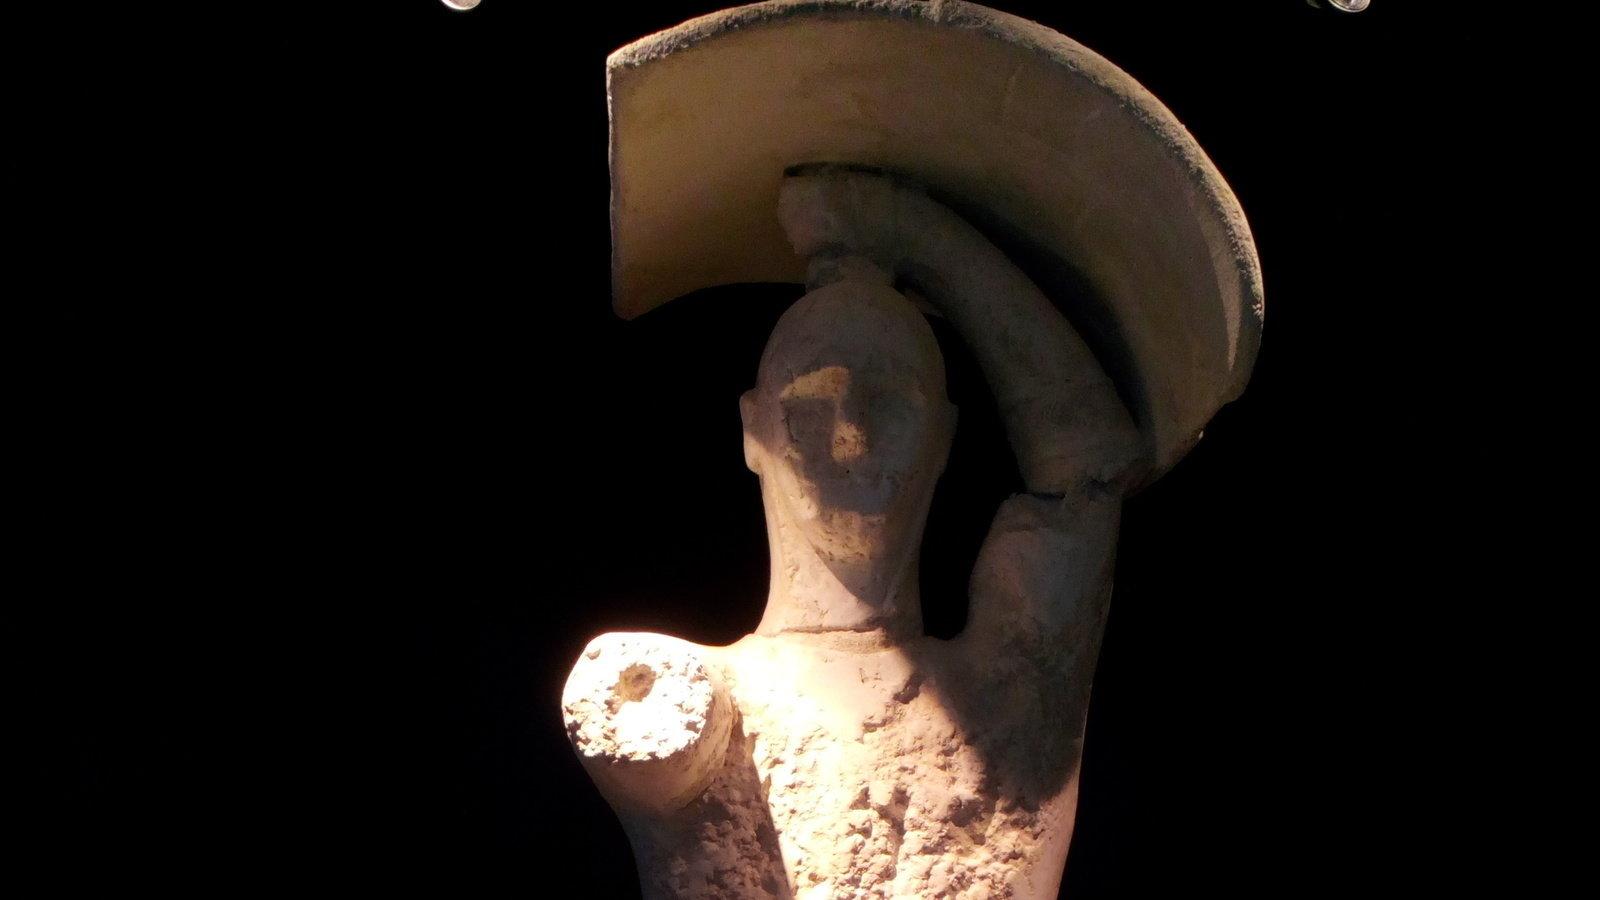 Petizione · I Giganti di Monti Prama a Cabras · Change.org